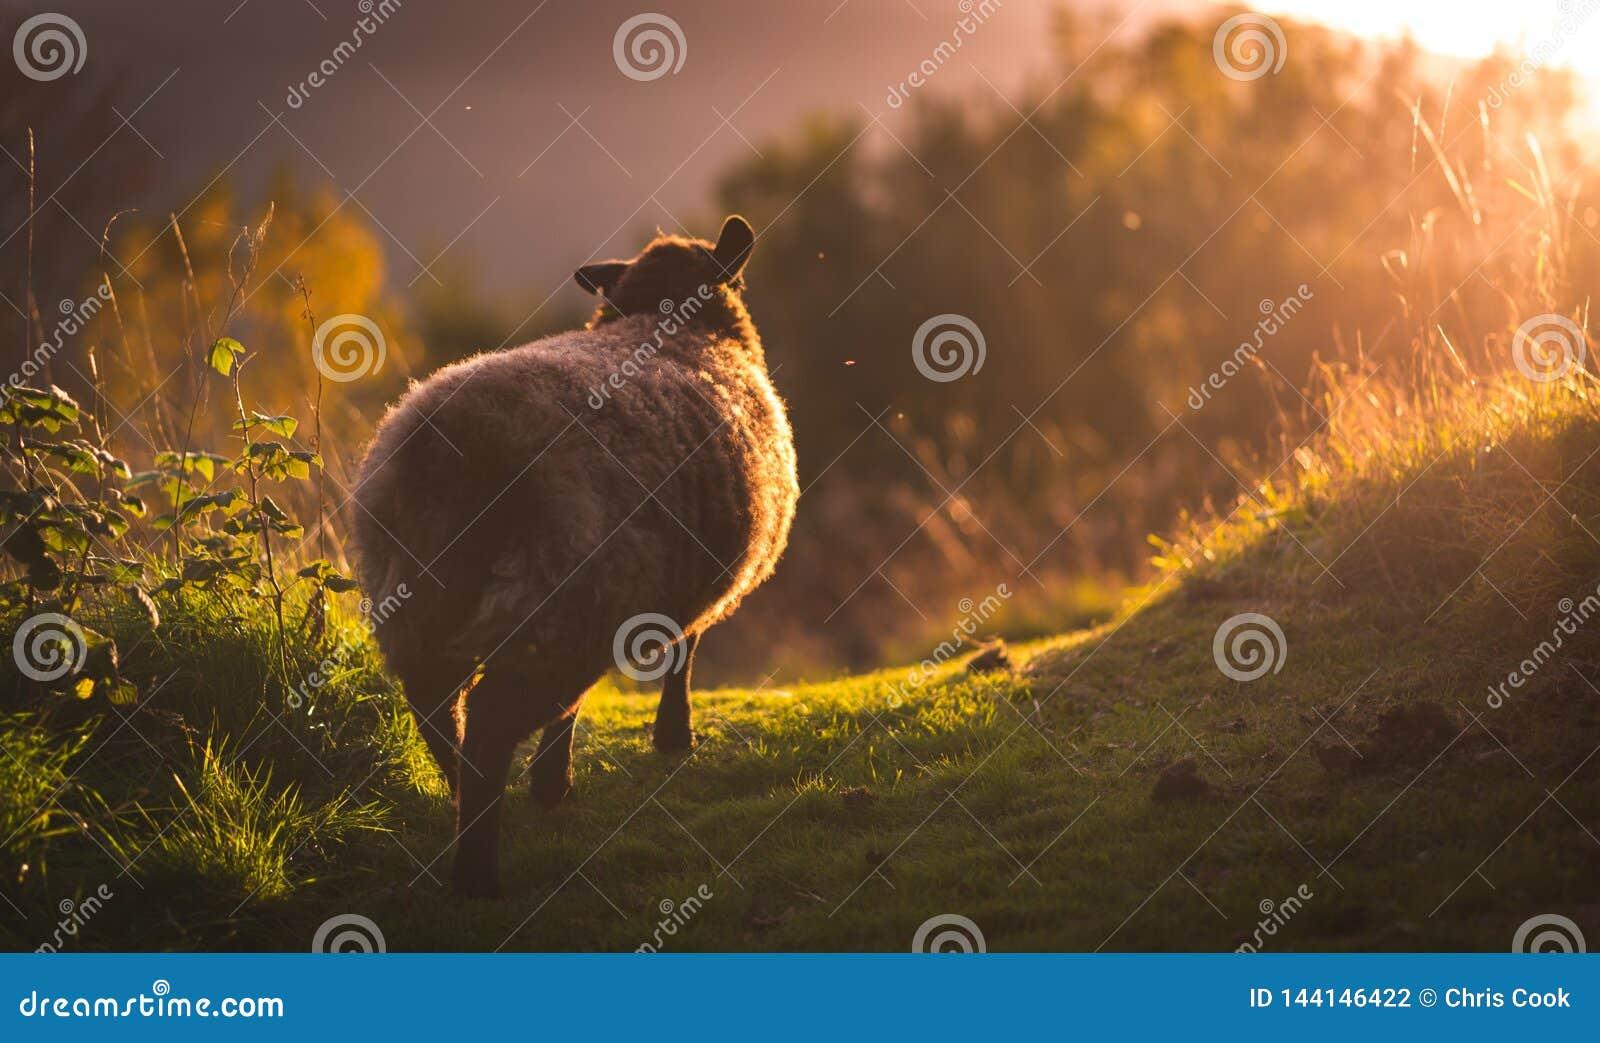 Πρόβατα περπατώντας στο φωτεινό φως του ήλιου στα καλοκαίρια που εξισώνουν - απομονωμένος πυροβολισμός